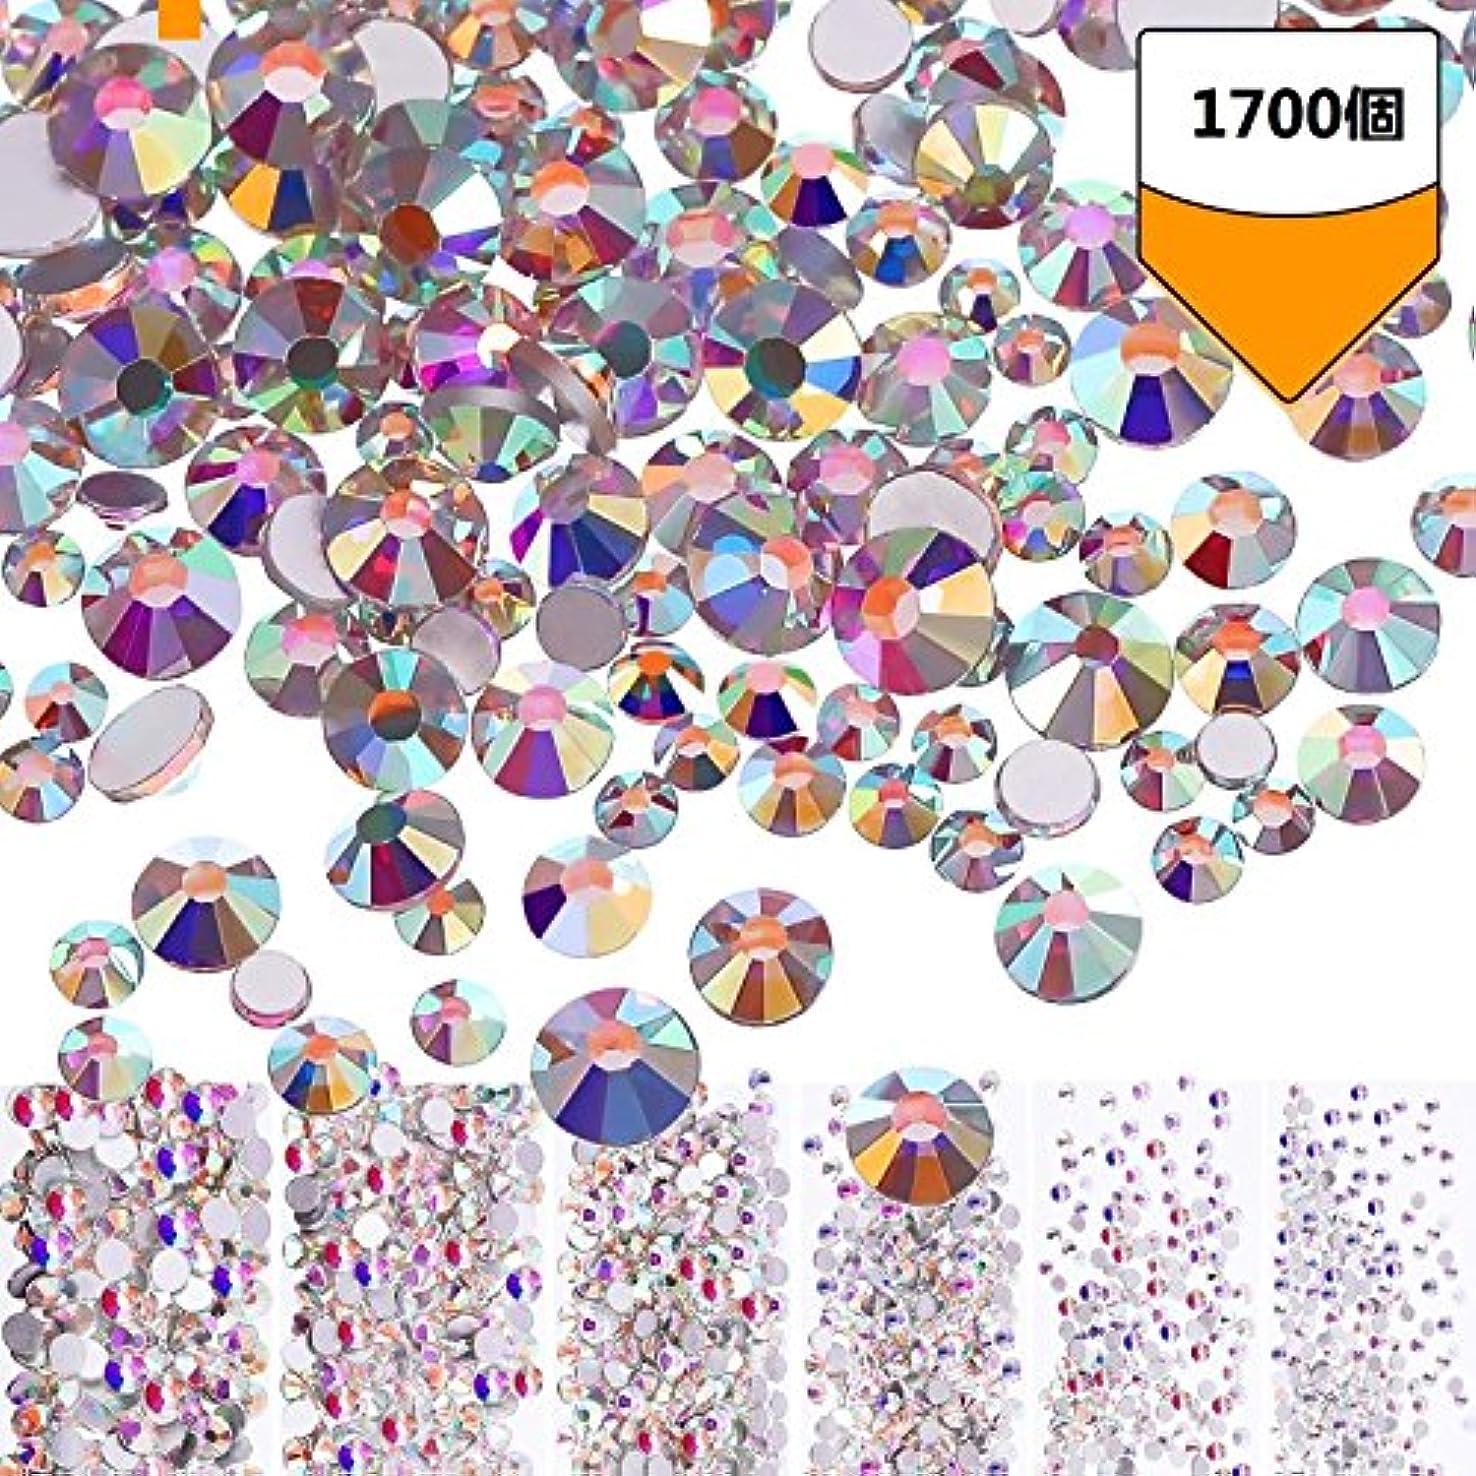 いわゆるヒープアルバムラインストーン ネイル デコ ガラスストーン クリスタル 改良 高品質ガラス製ラインストーン(1.6mm-3mm 約1700粒)